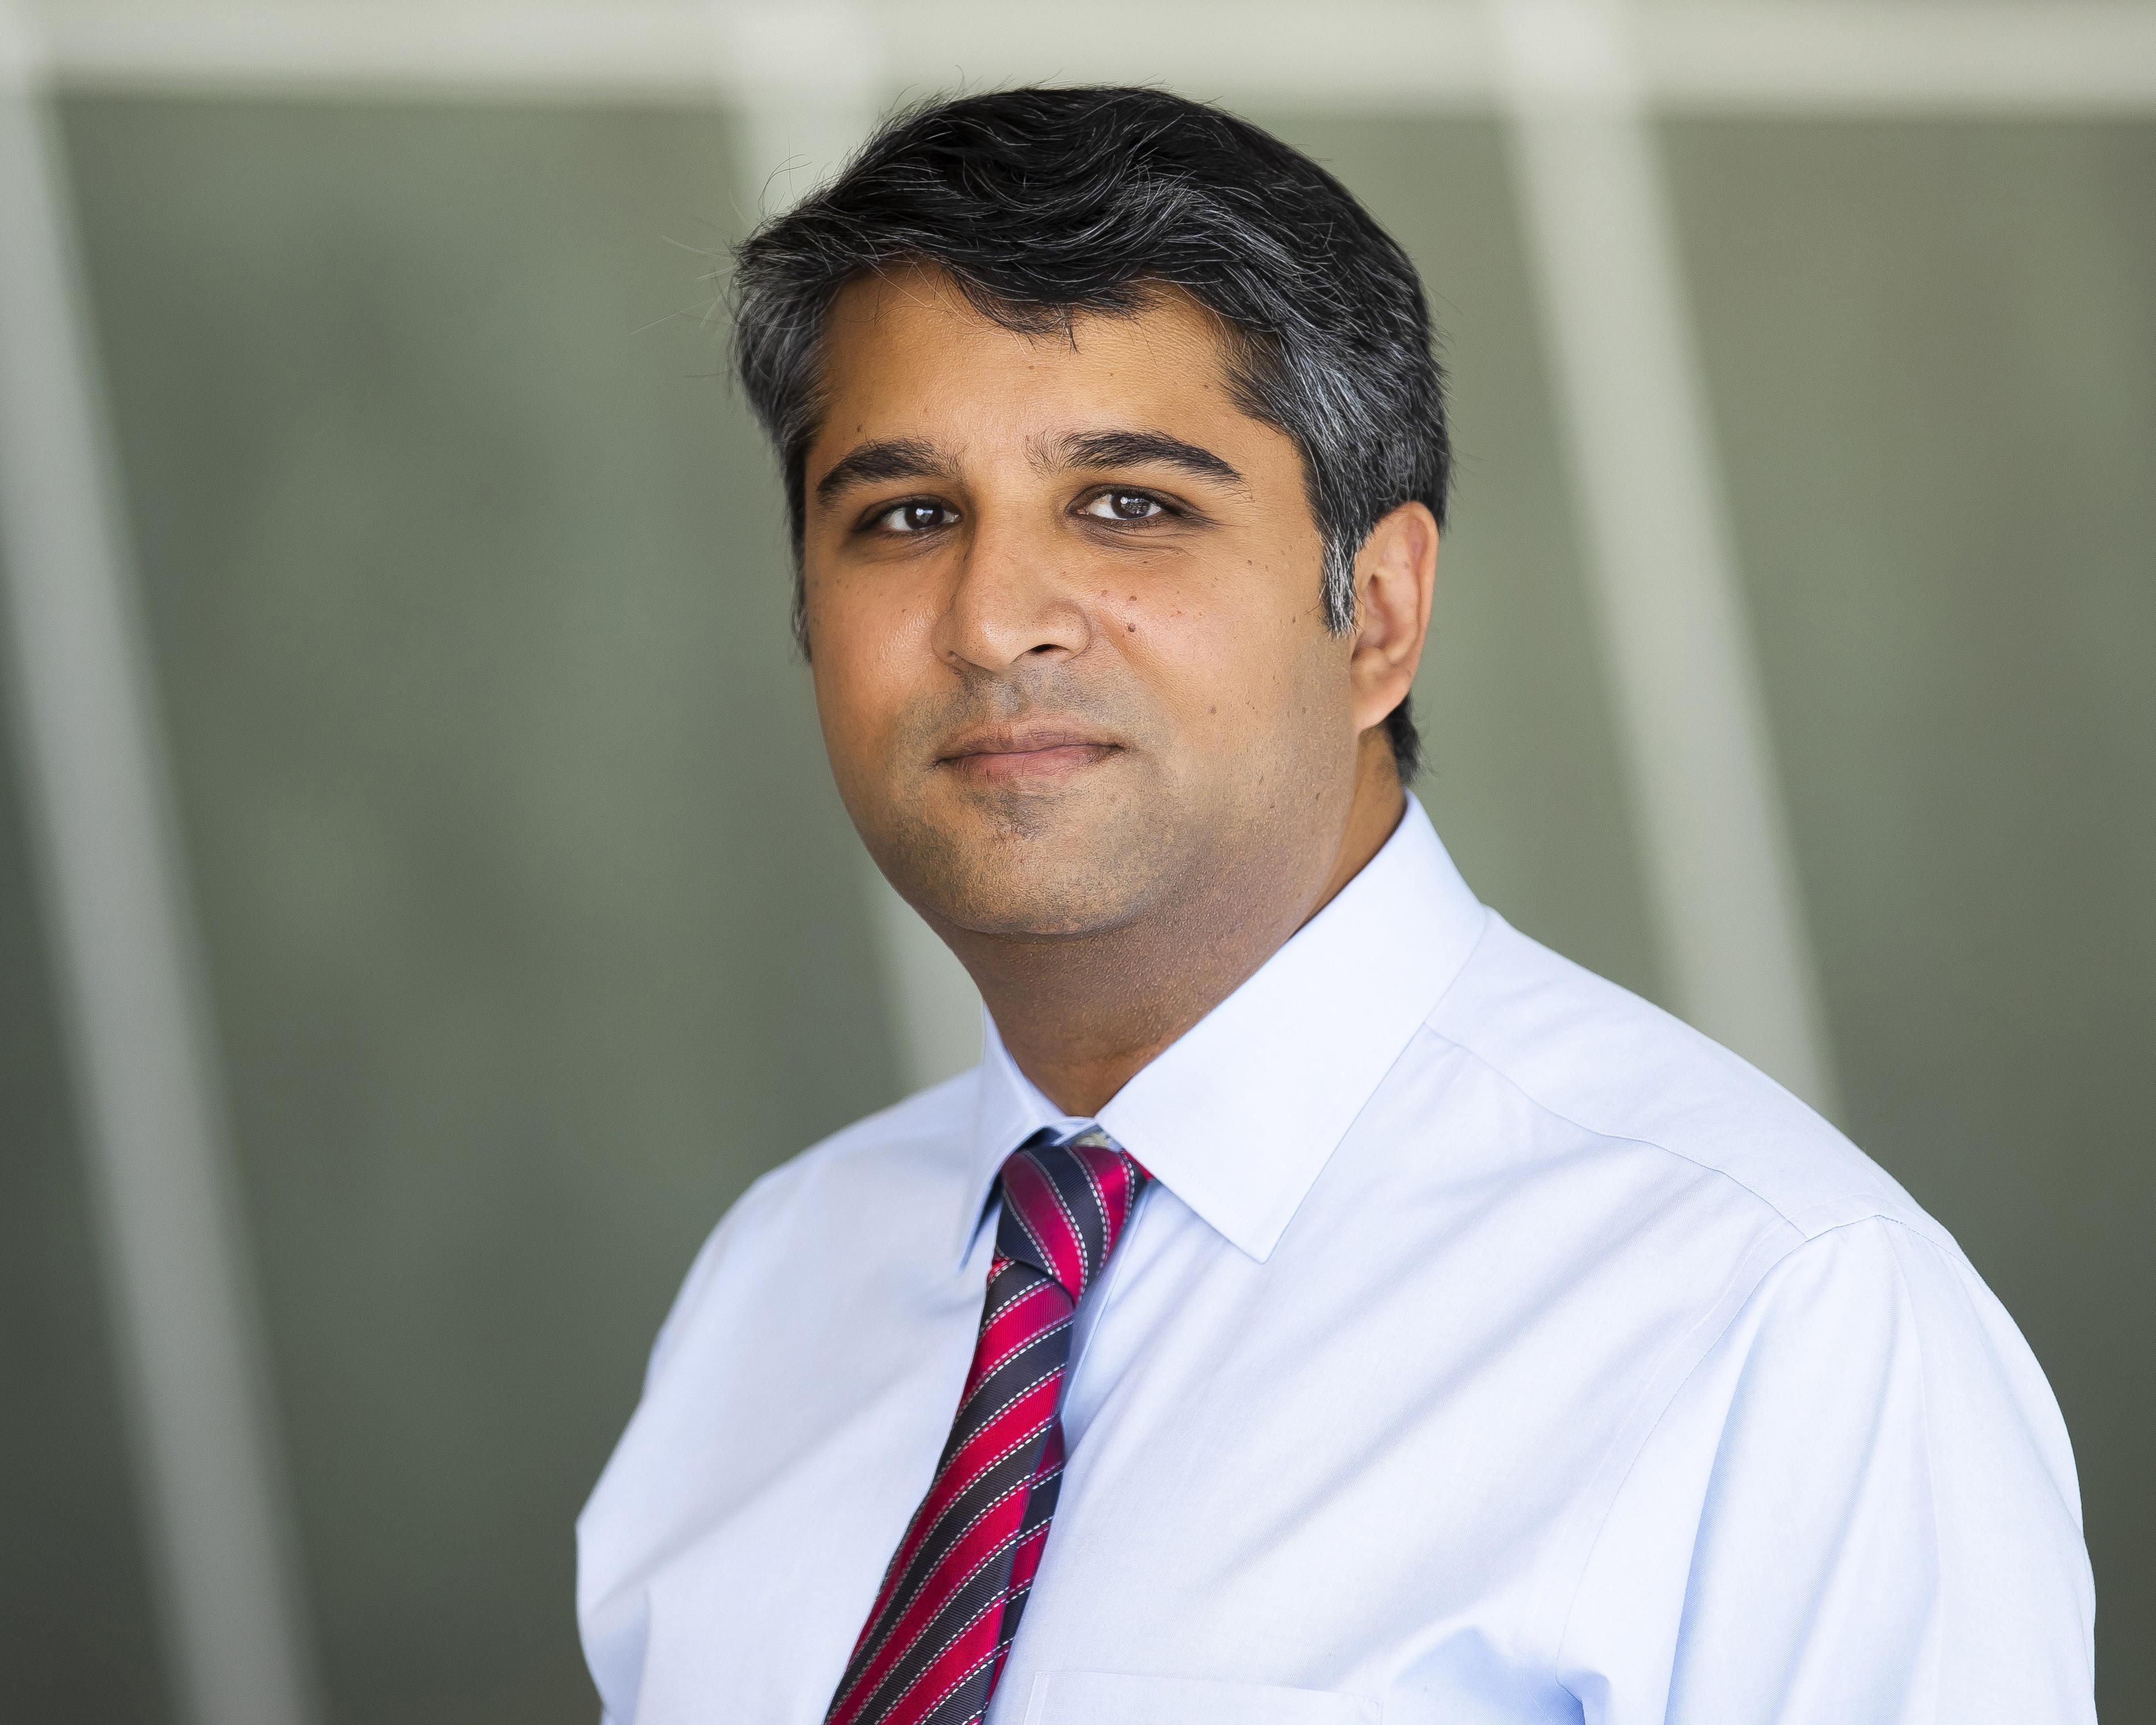 photo of Harsh Jain